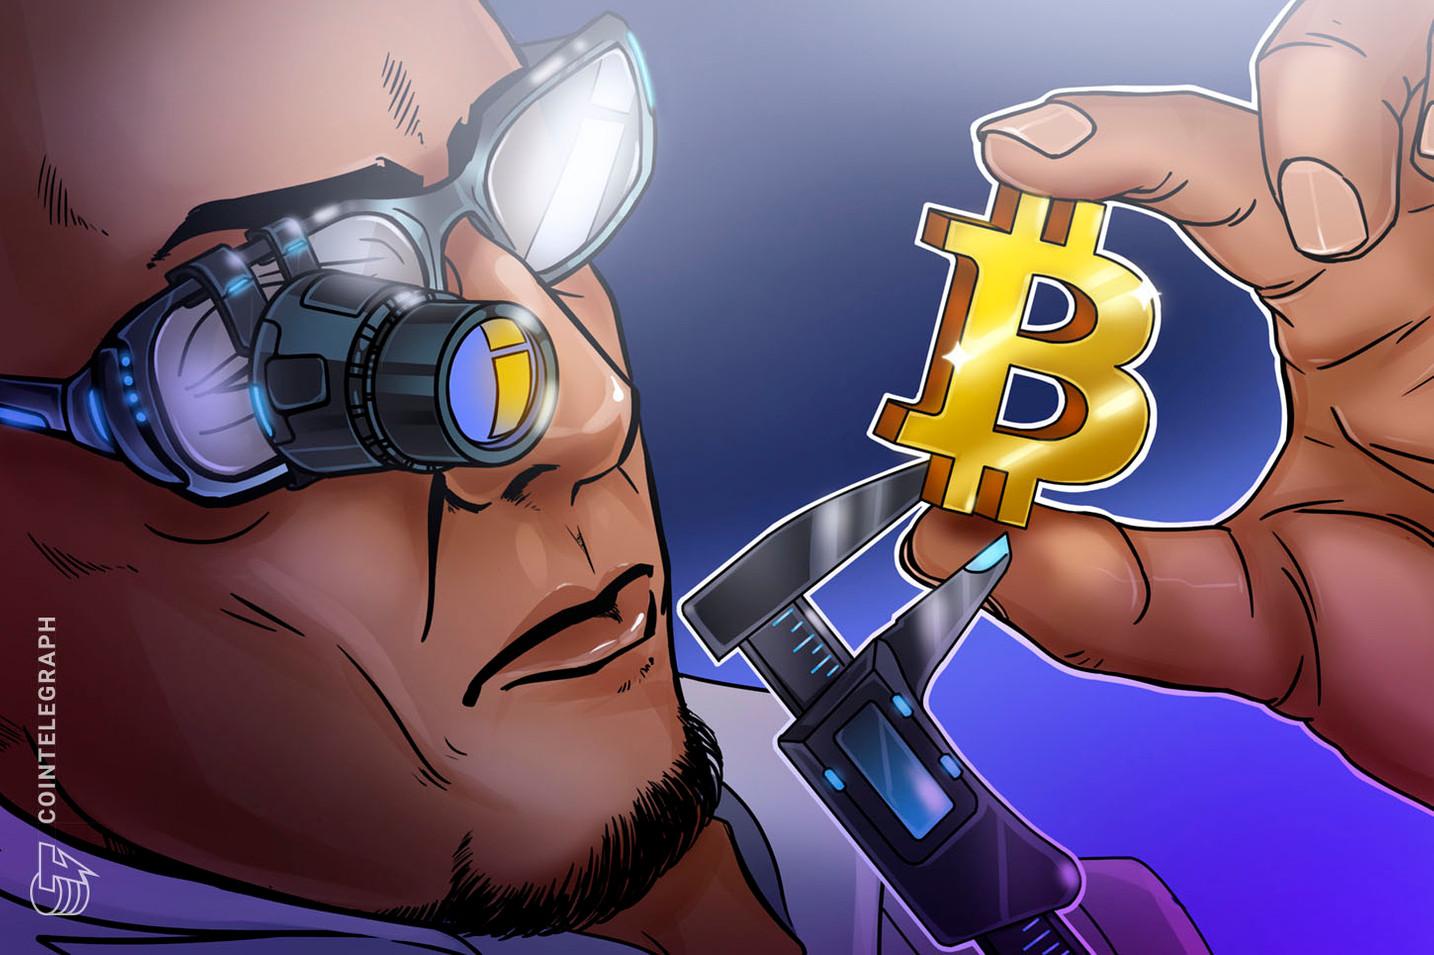 Dados técnicos do Bitcoin: Quão baixo o preço do BTC pode ir depois de falhar em romper os US$ 42K?